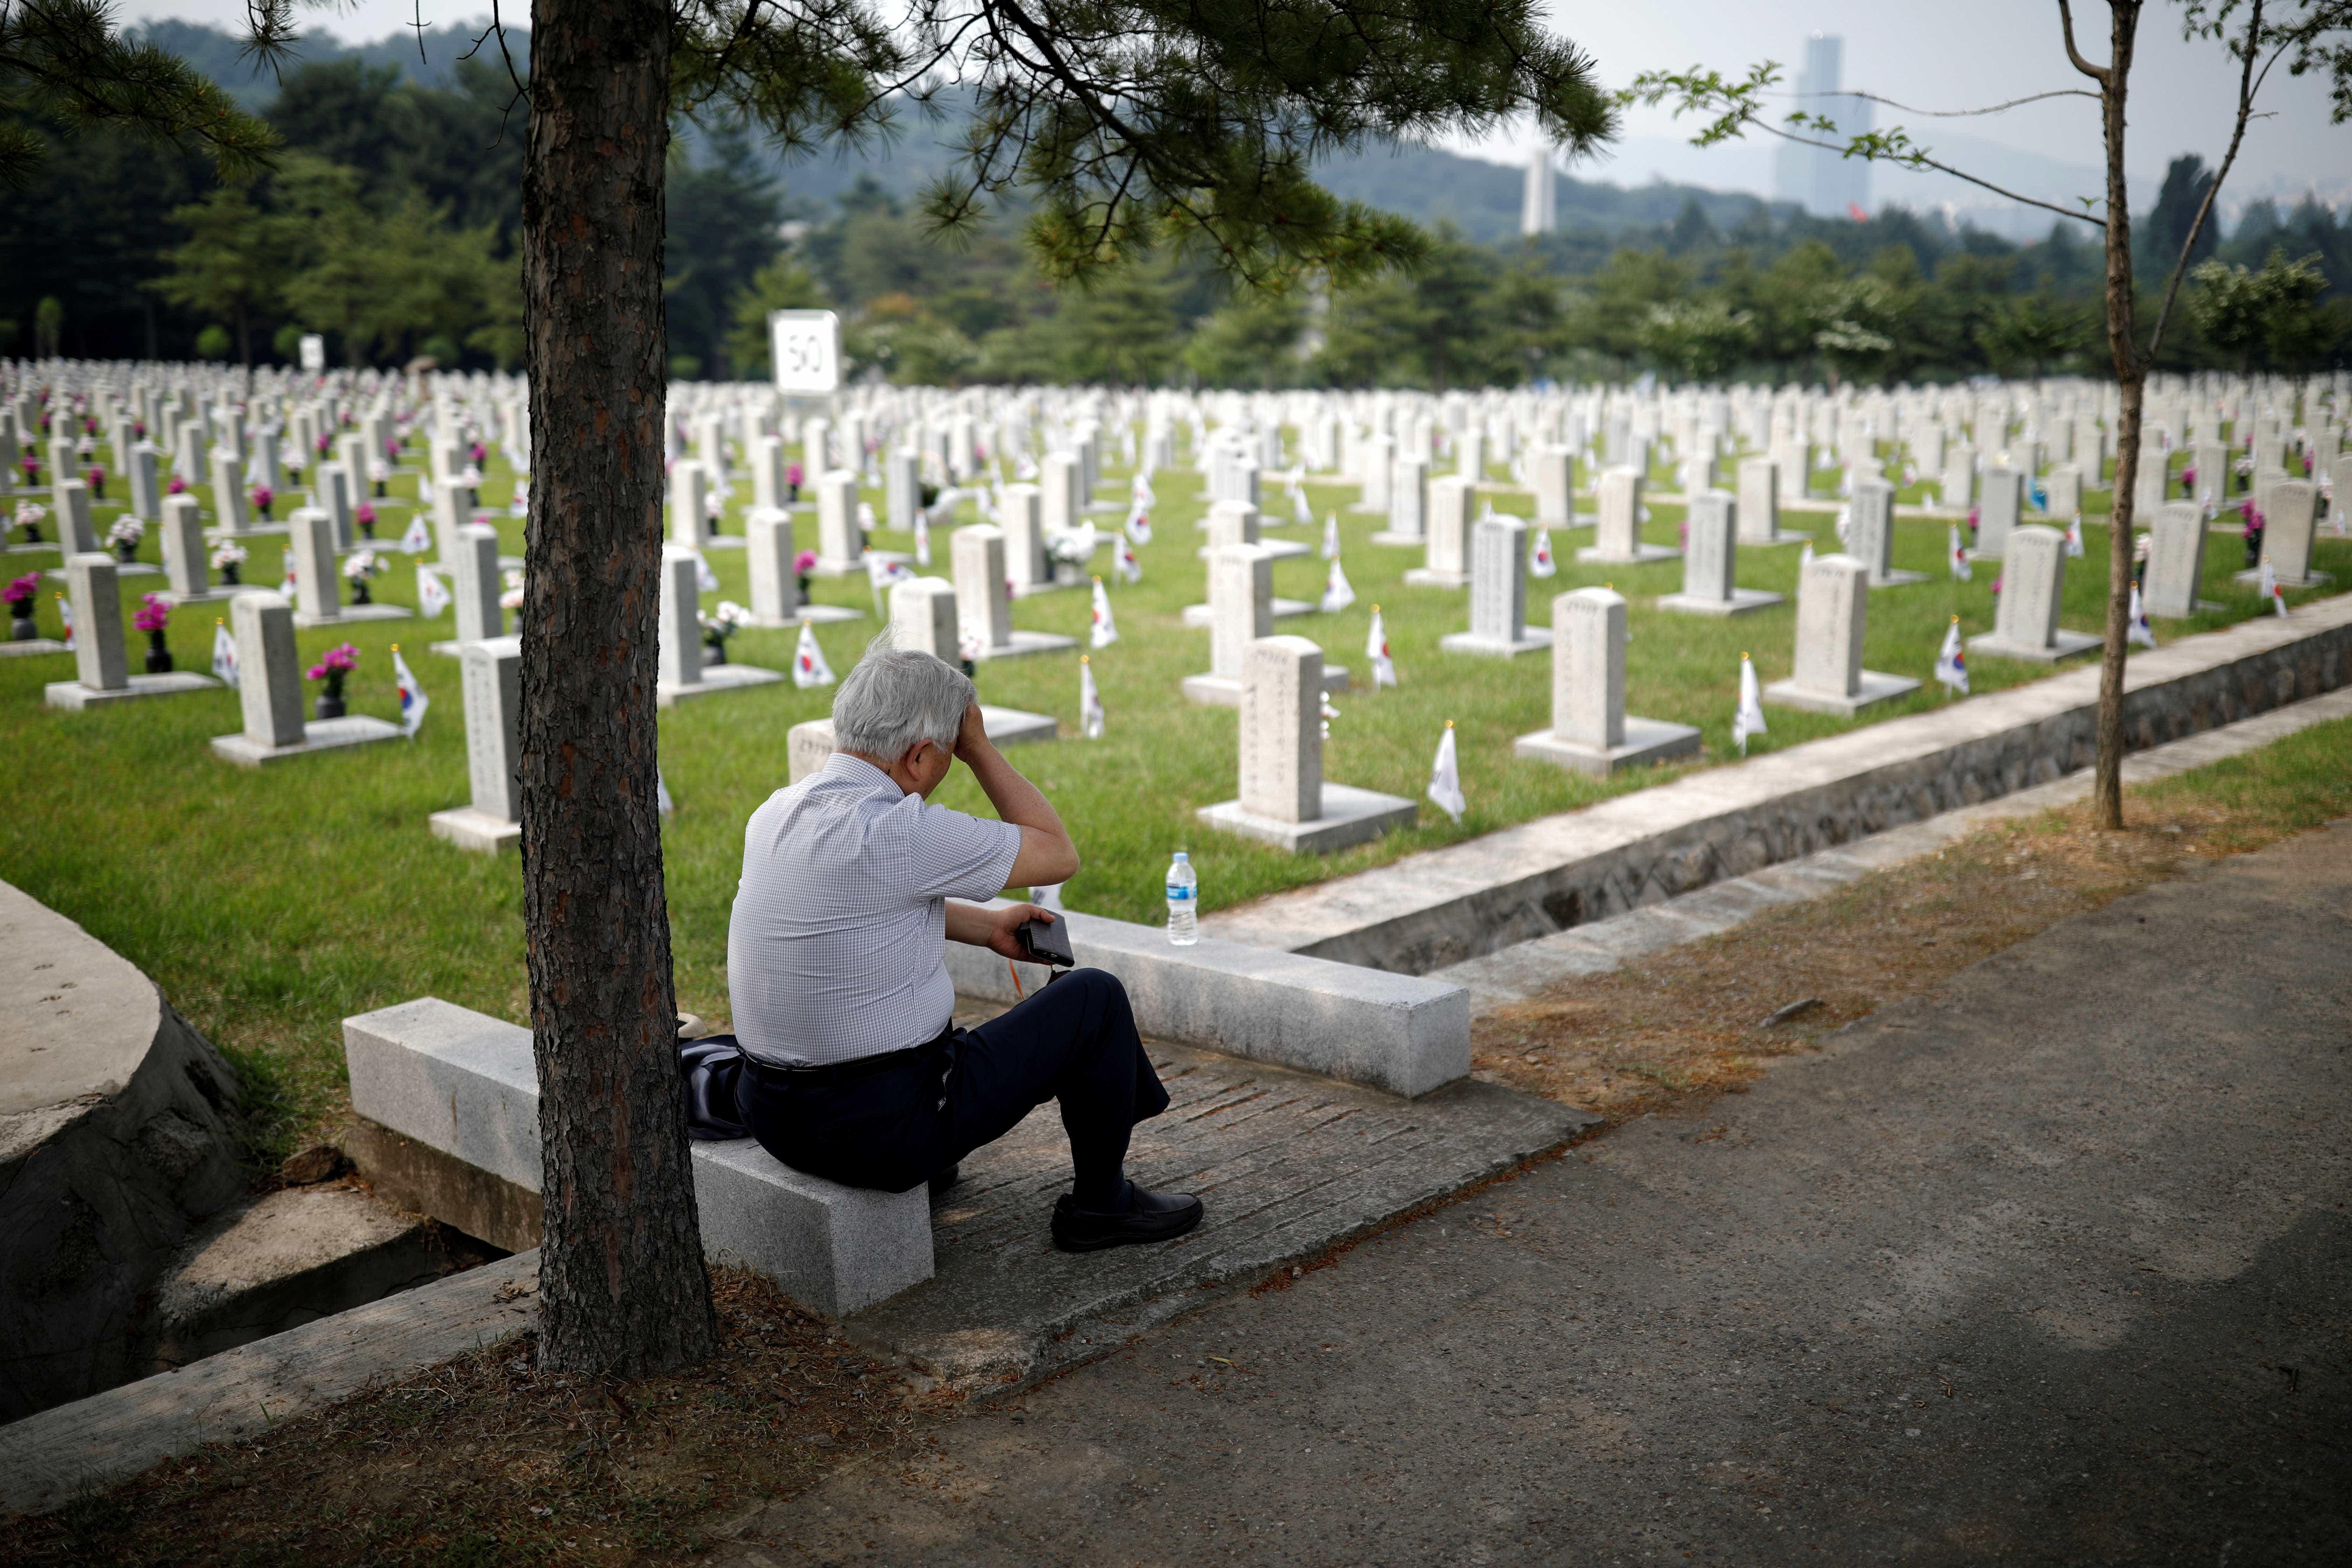 Cemitérios de São Paulo devem receber 1milhão de visitantes